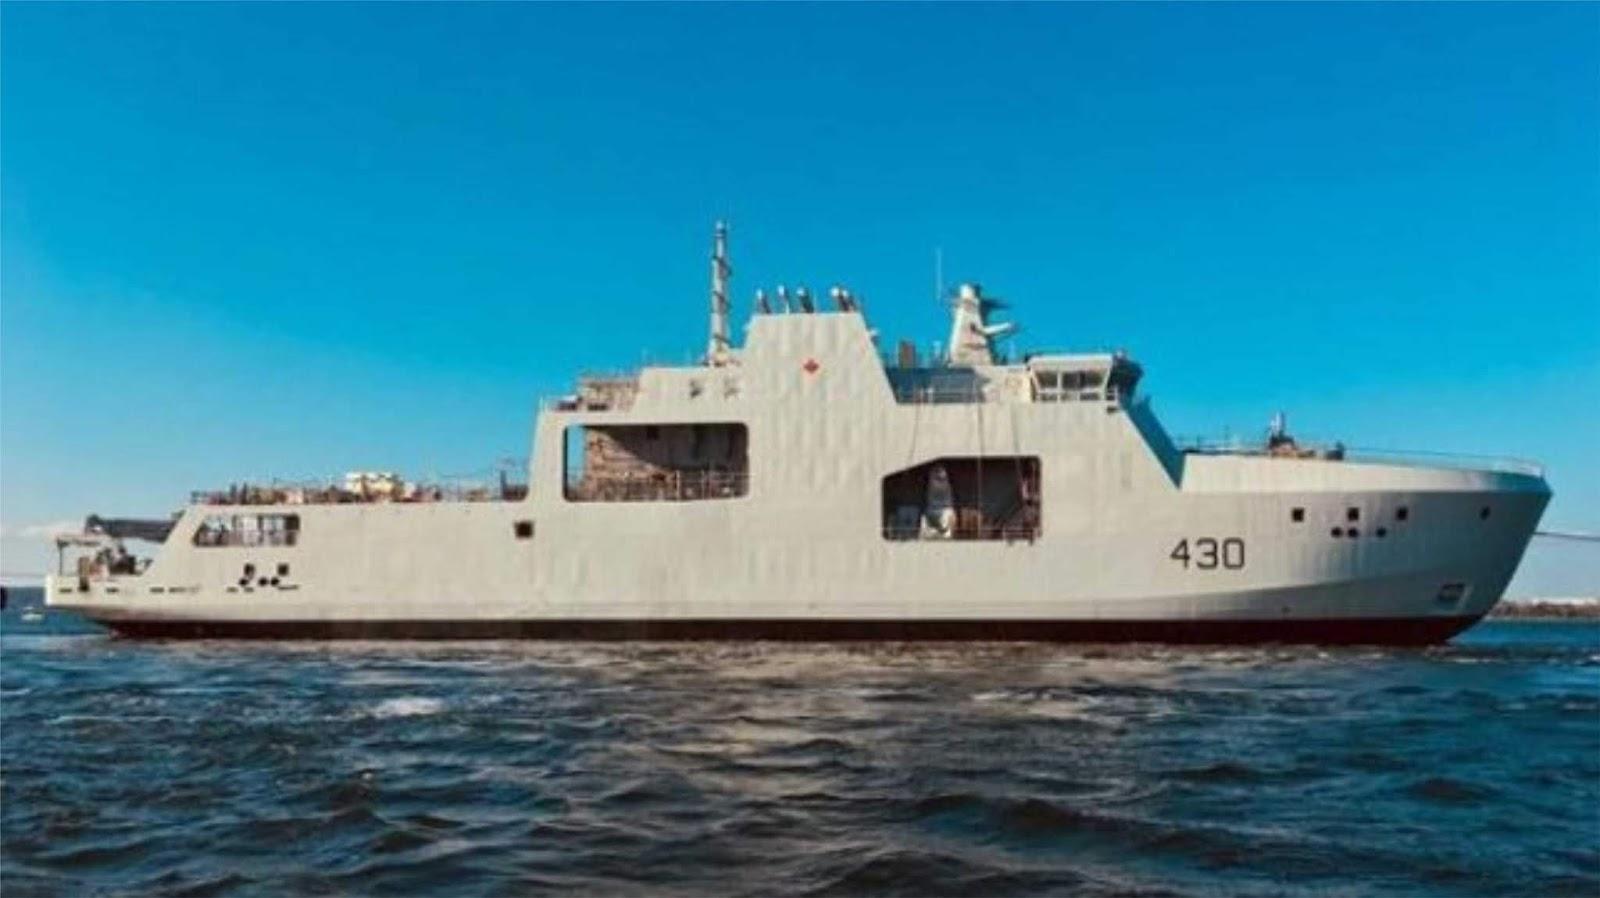 Enam kapal patroli kelas Arktik modern akan dibangun untuk Angkatan Laut Kanada